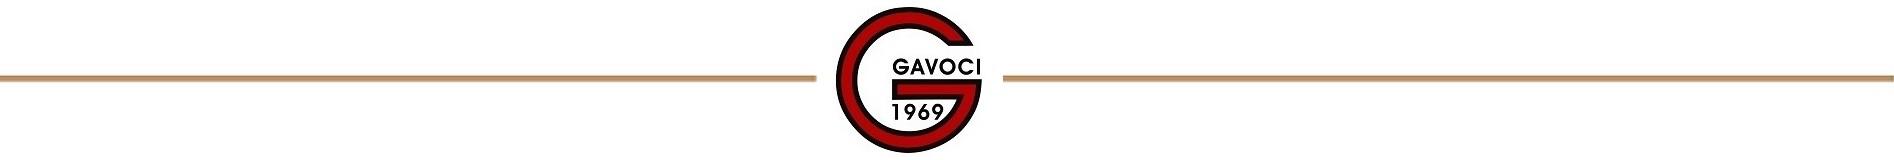 Gavoci 1969